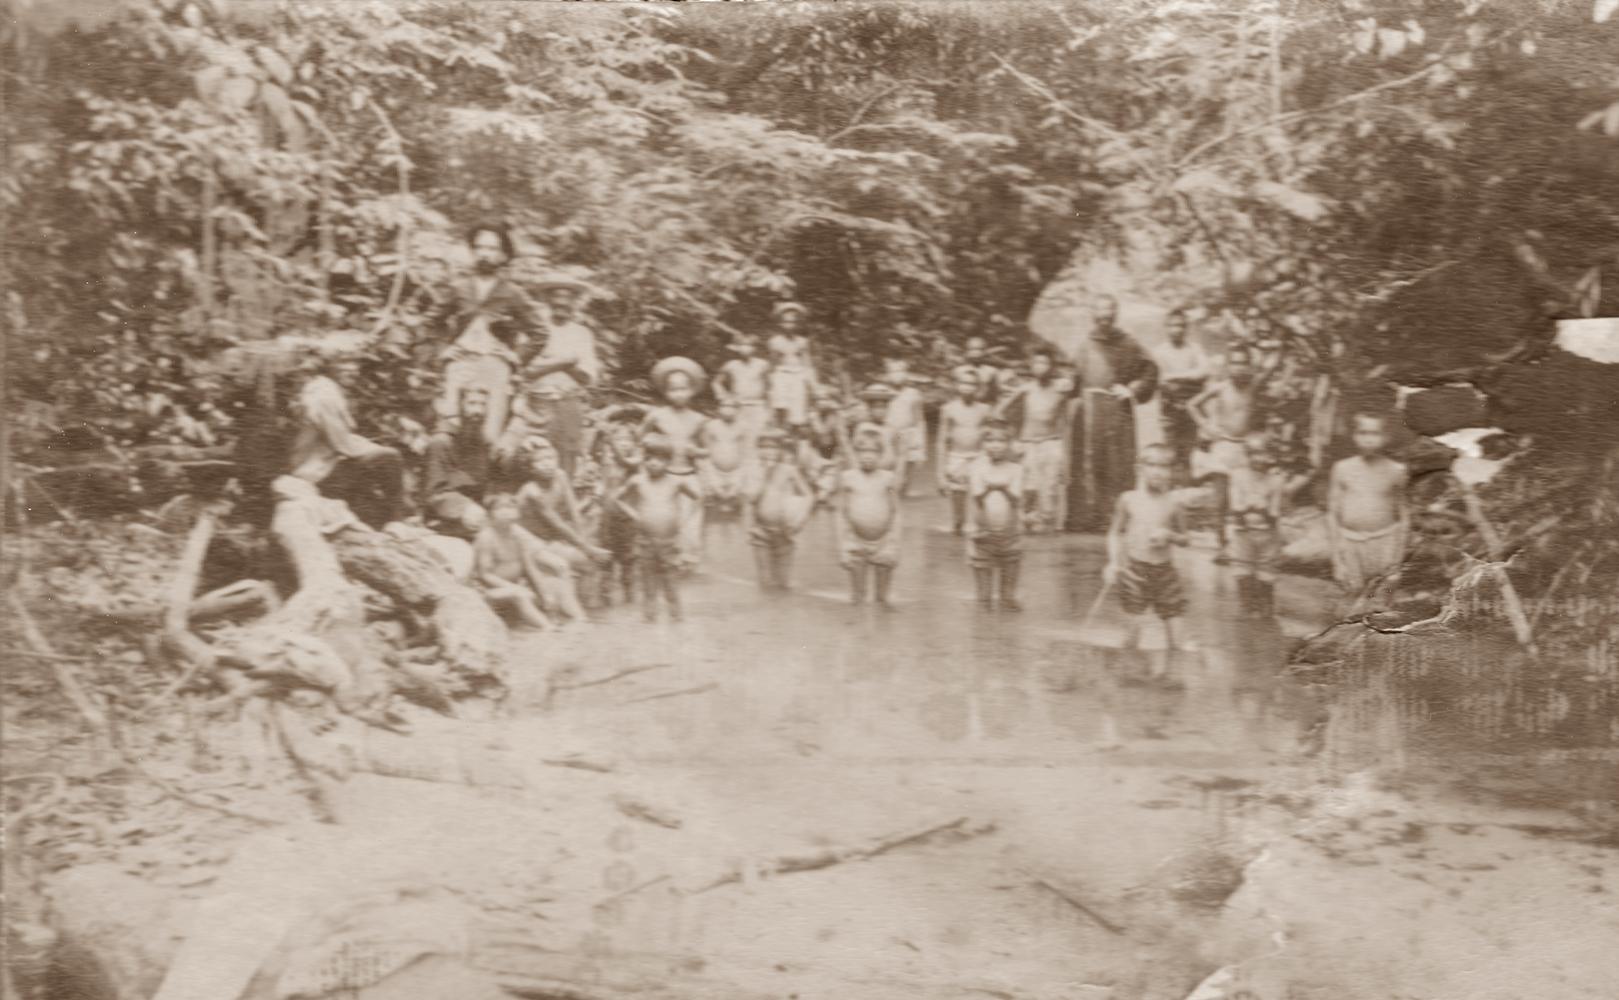 Gruppo di piccoli indi dell'Ospizio di Barra do Corda che pescano nel Rio Barra